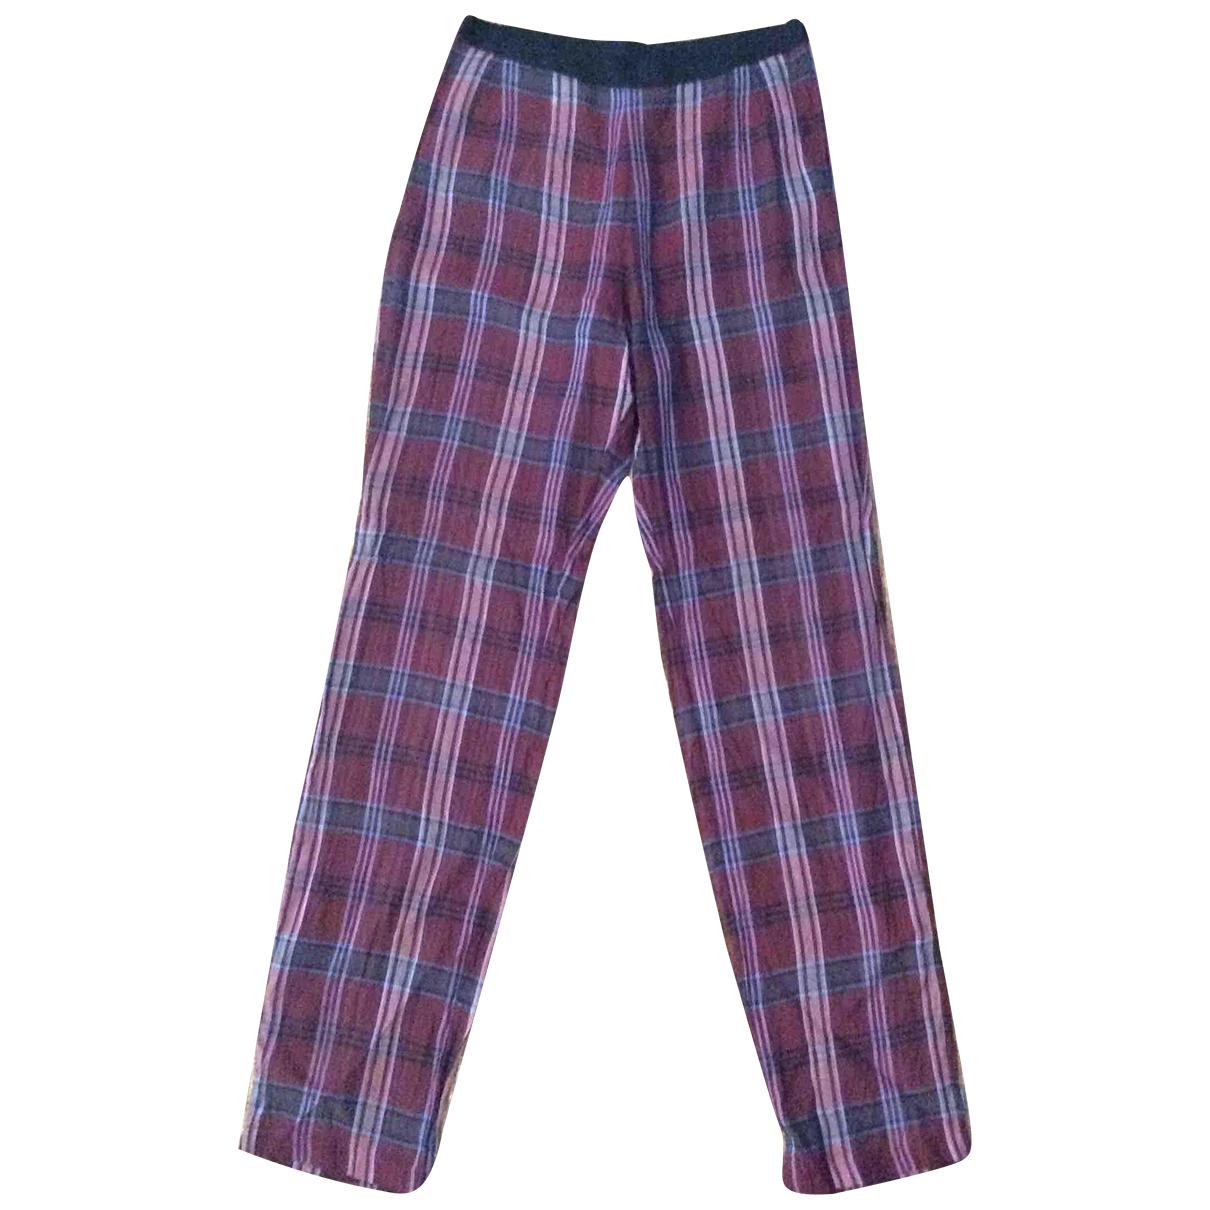 Dries Van Noten N Burgundy Silk Trousers for Women 36 FR